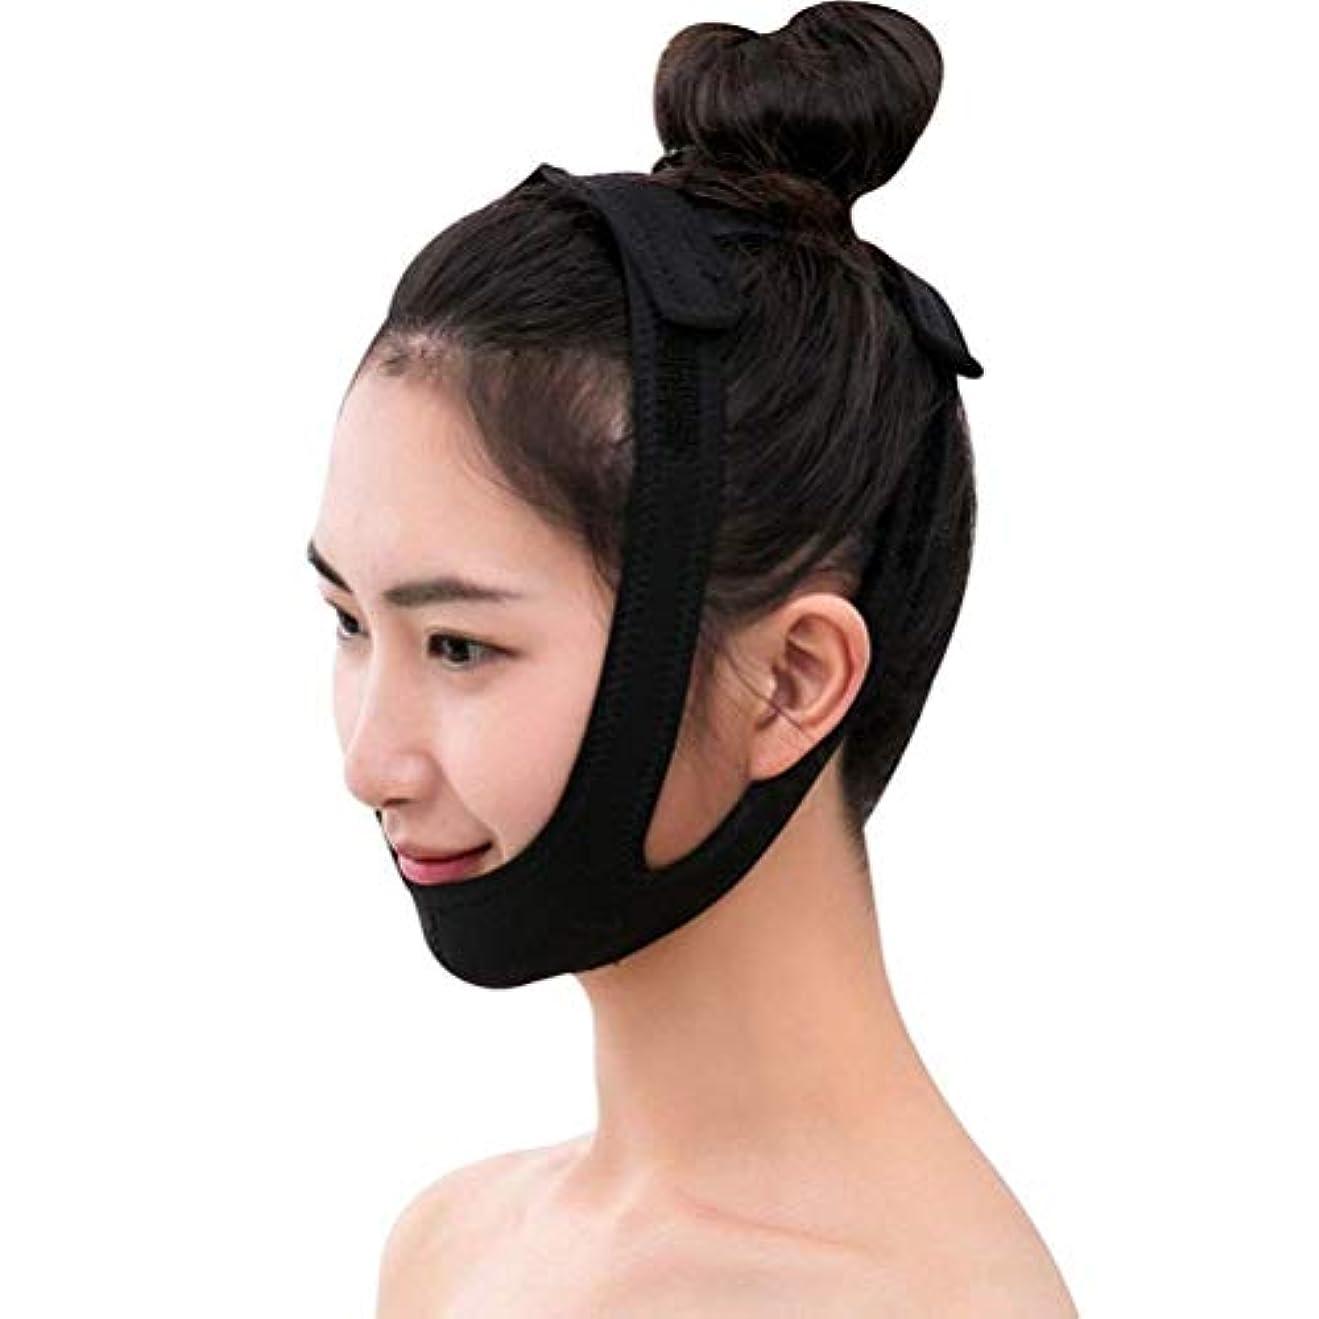 フェイスリフティングマスク、フェイスリフティング包帯V字型マスク/整形およびリフト/二重あごベルト/美容マスクフェイスリフト/縮小二重あご包帯/顔面矯正ベルト